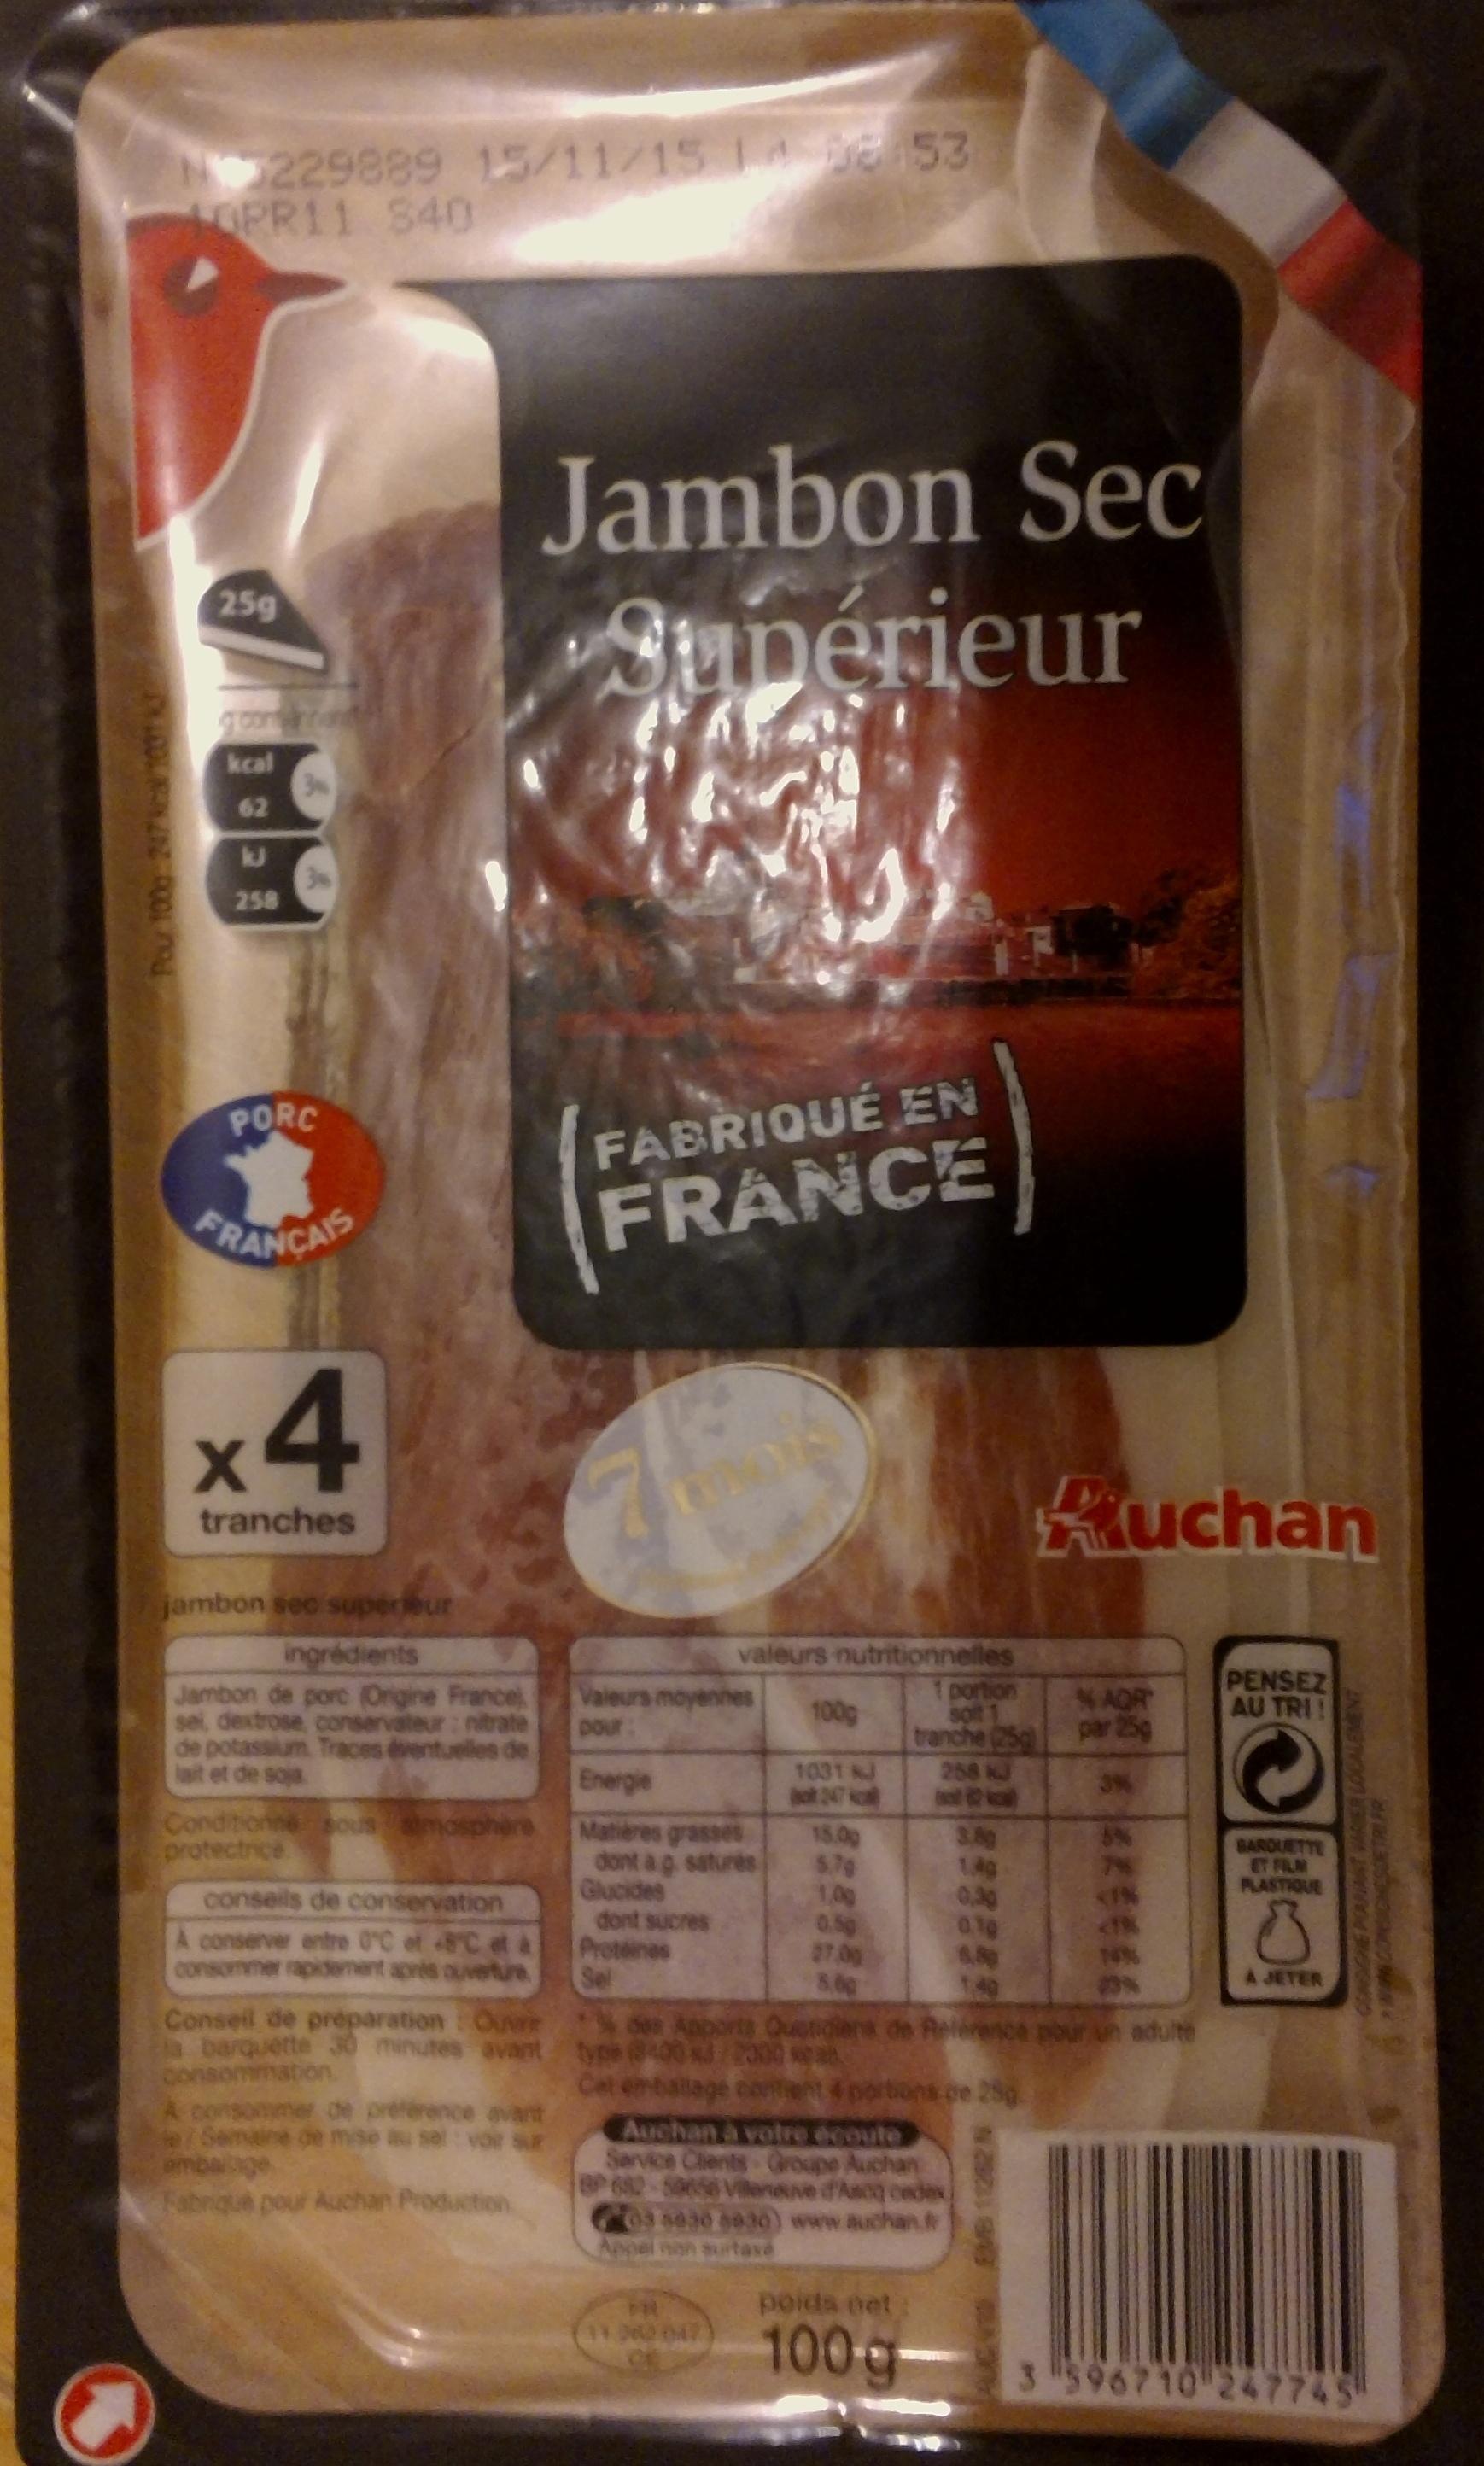 jambon sec sup rieur fabriqu en france auchan 100g 4 tranches. Black Bedroom Furniture Sets. Home Design Ideas